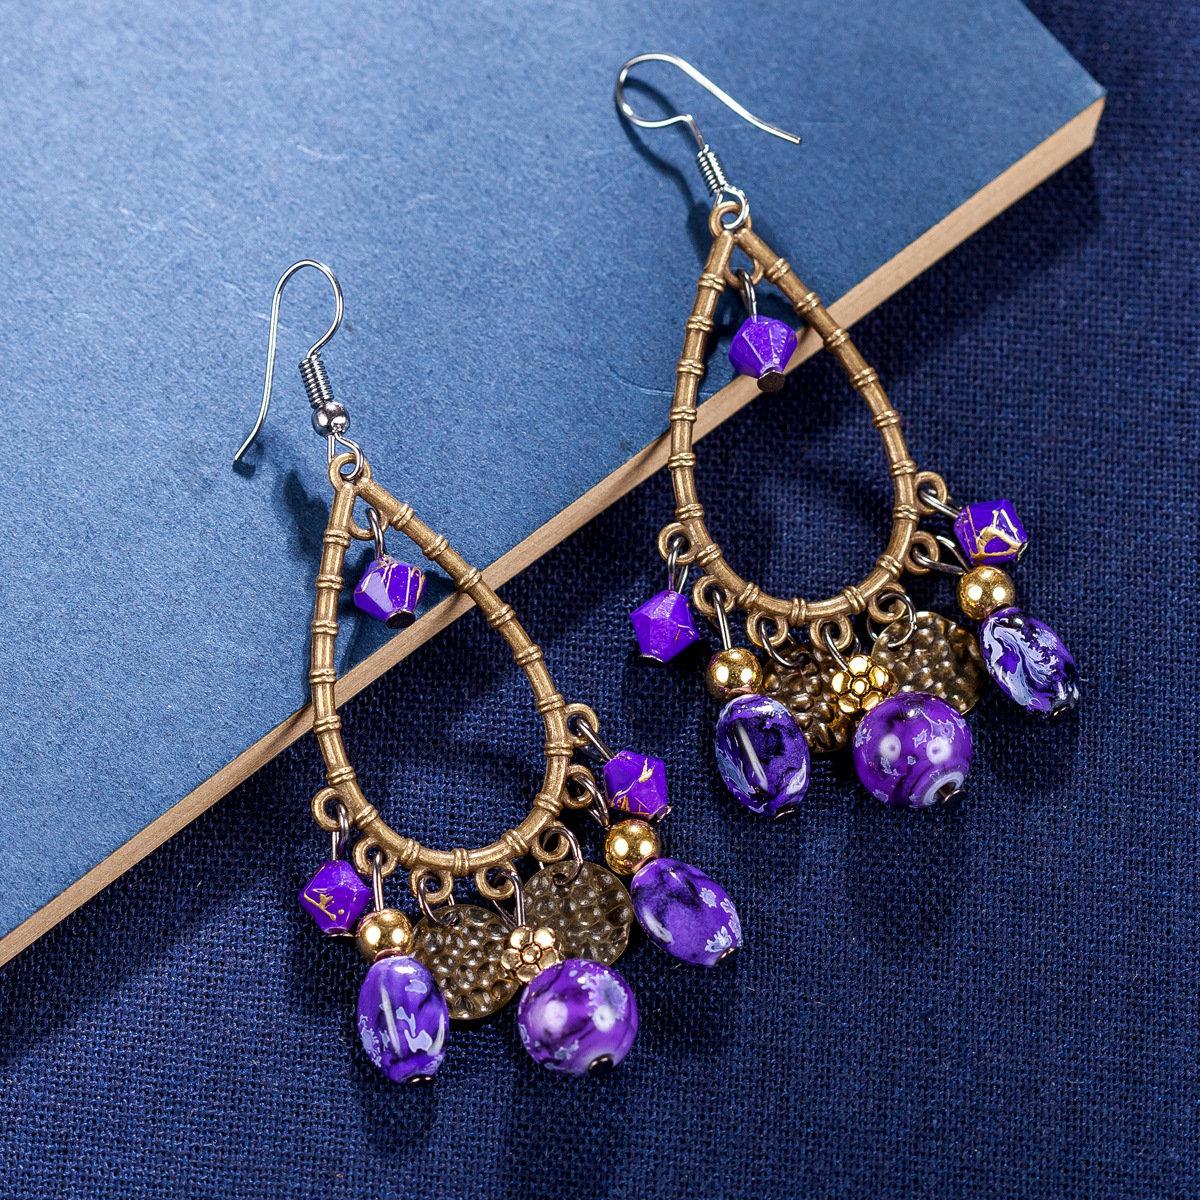 Bohemian Tassels Drop Earrings Long Style Turquoise Earrings Retro Women Drop Earrings